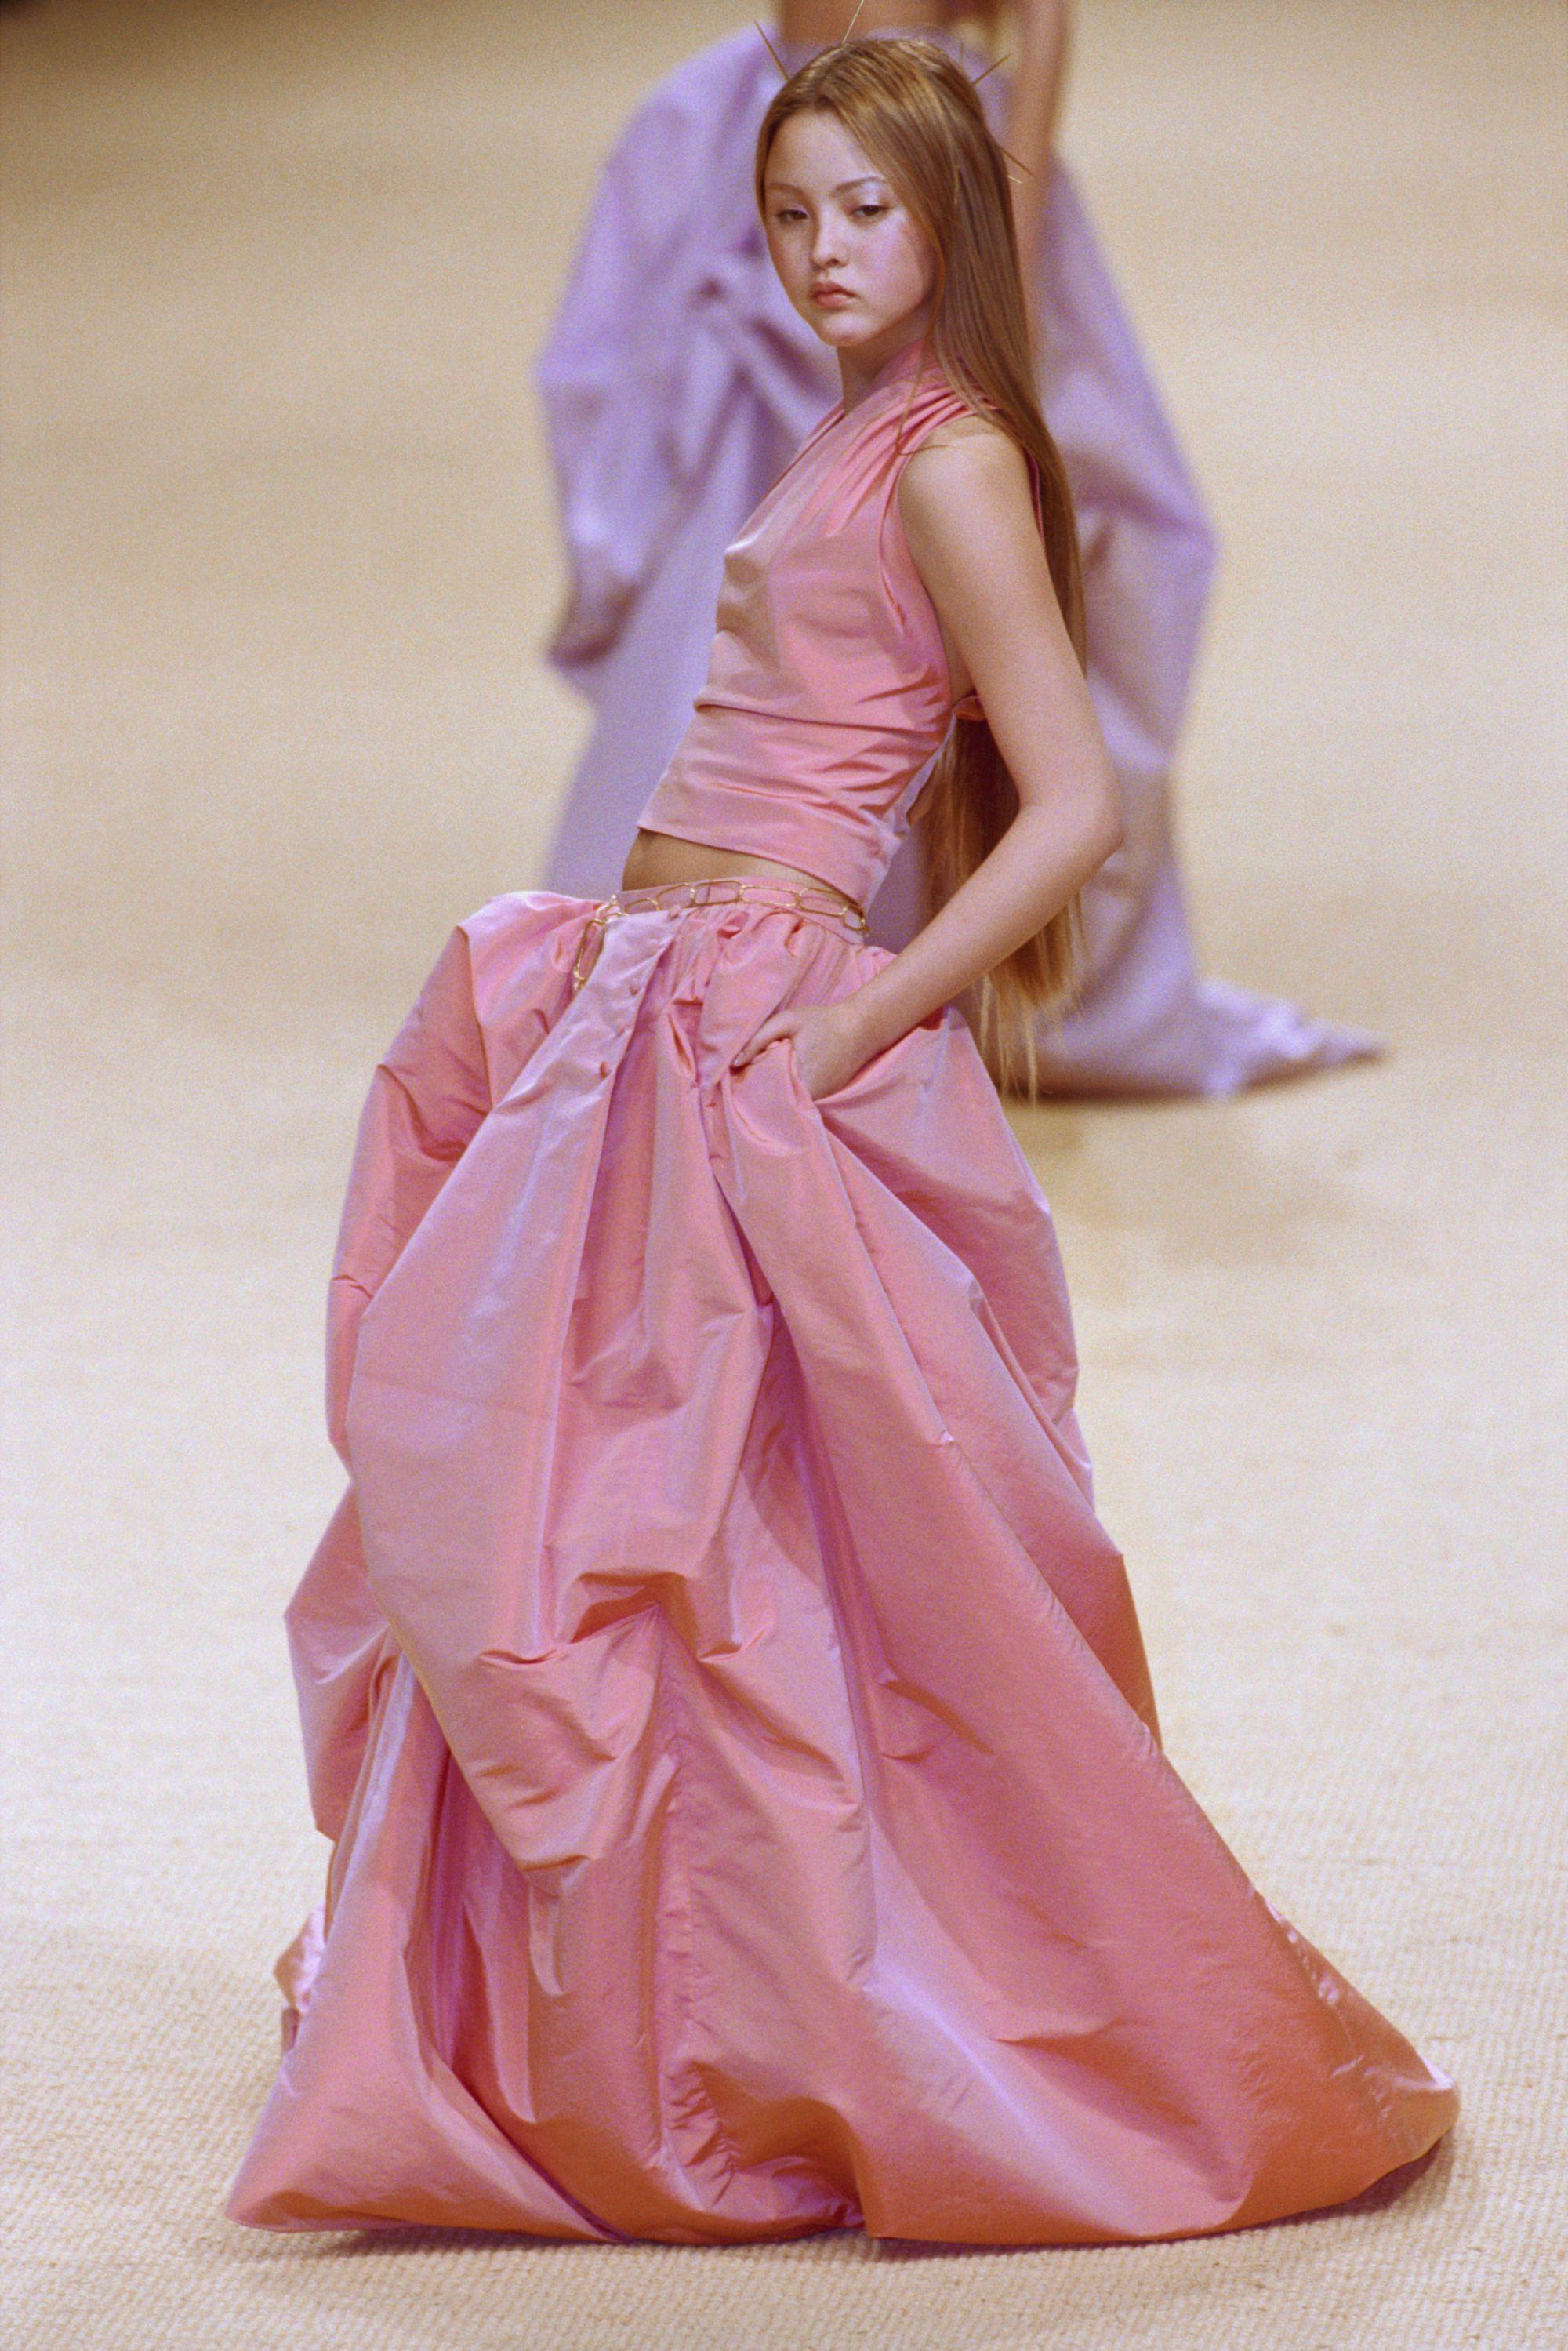 3f3f9c1d Why Are We So Obsessed With The 90s? - 90s Fashion Trend